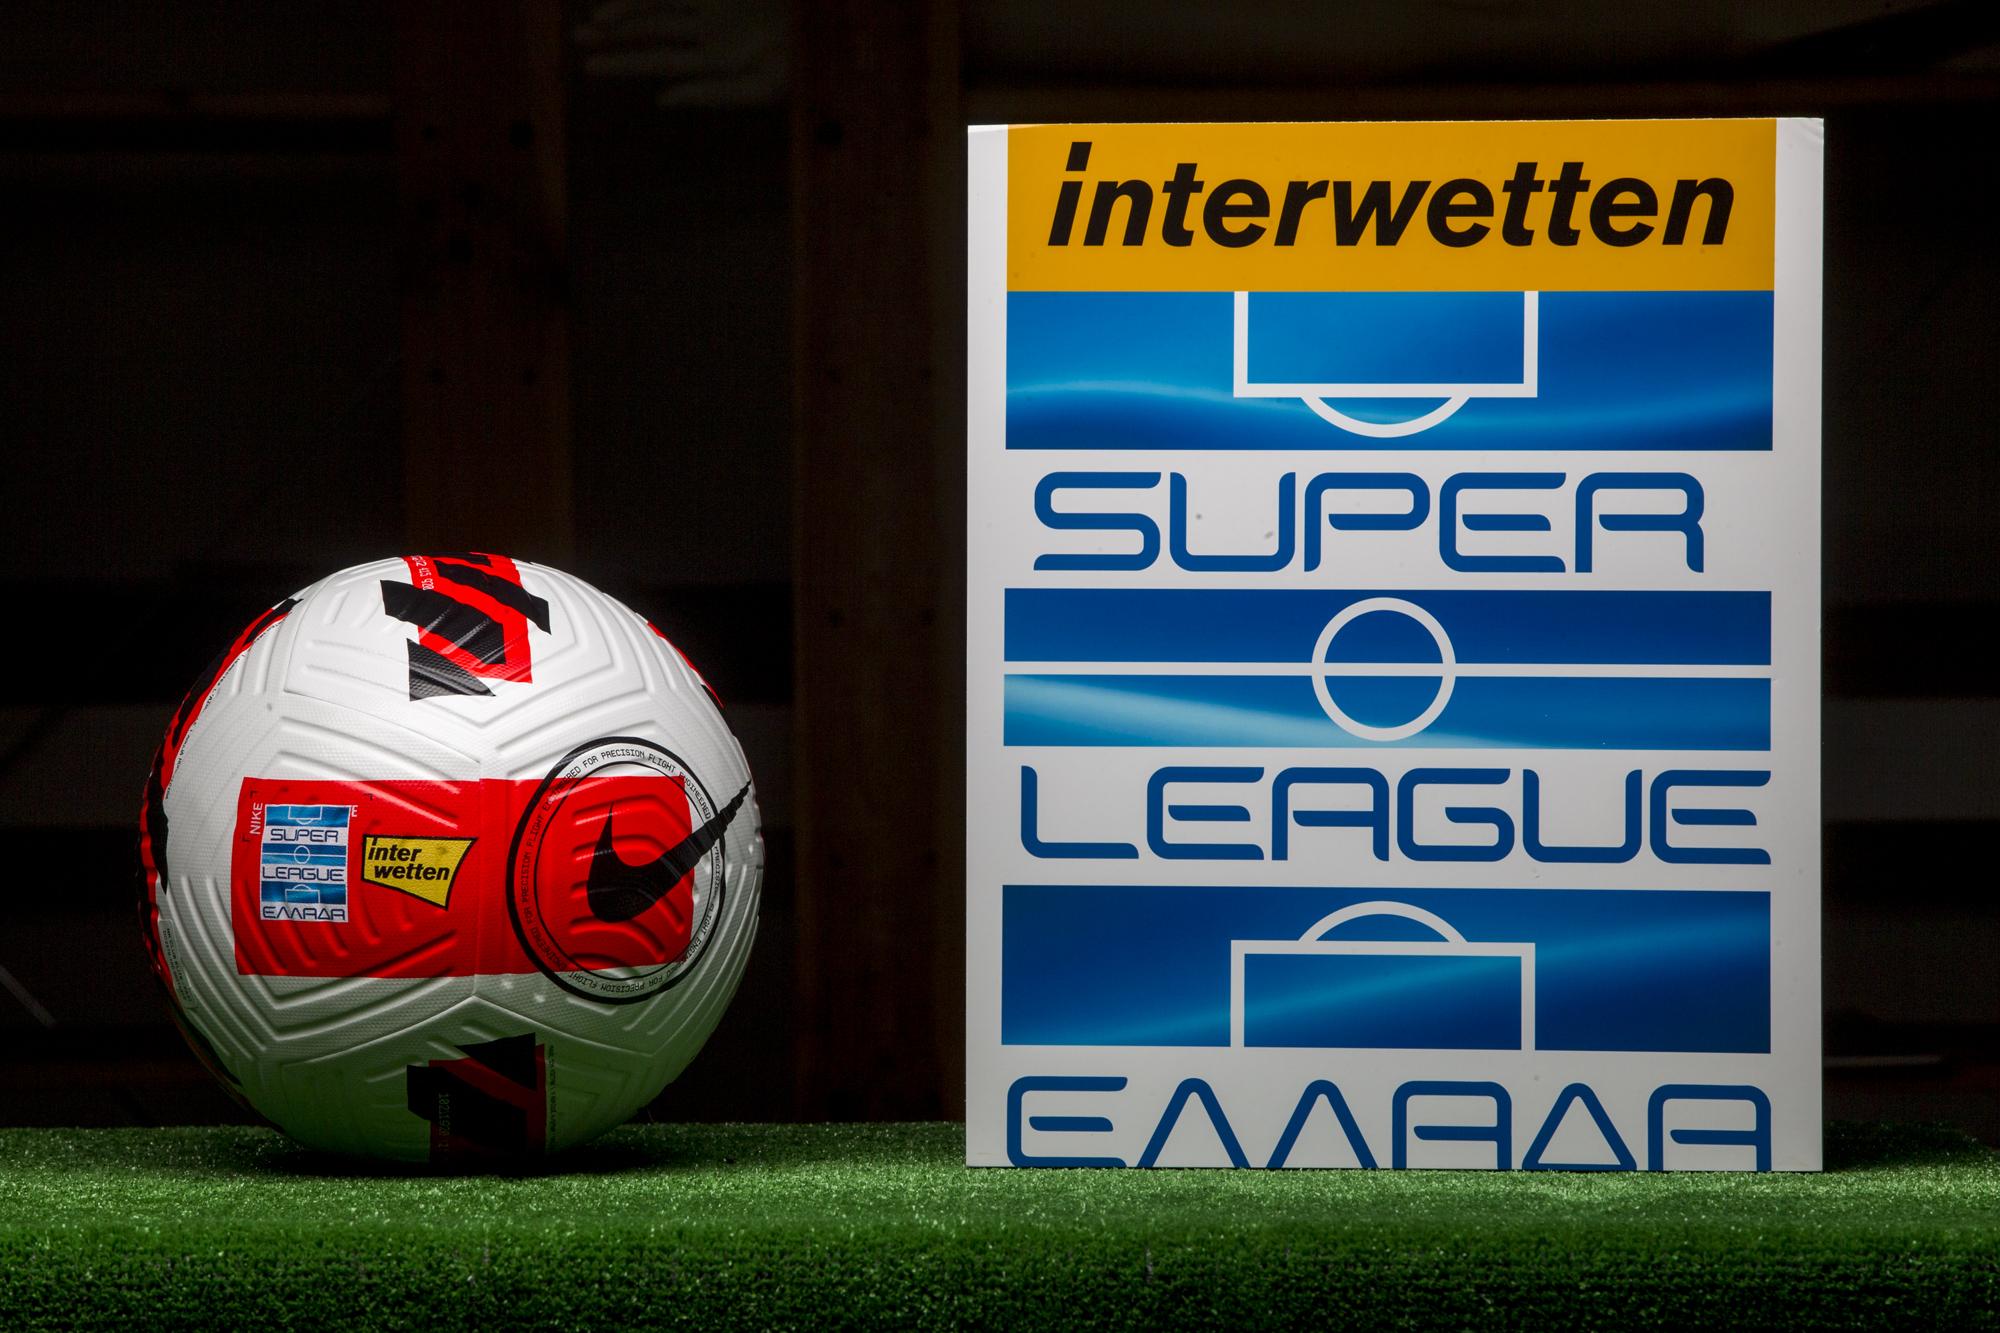 Κλήρωση Superleague: Το πρόγραμμα του νέου πρωταθλήματος – Που παίζουν οι μεγάλοι στην πρεμιέρα